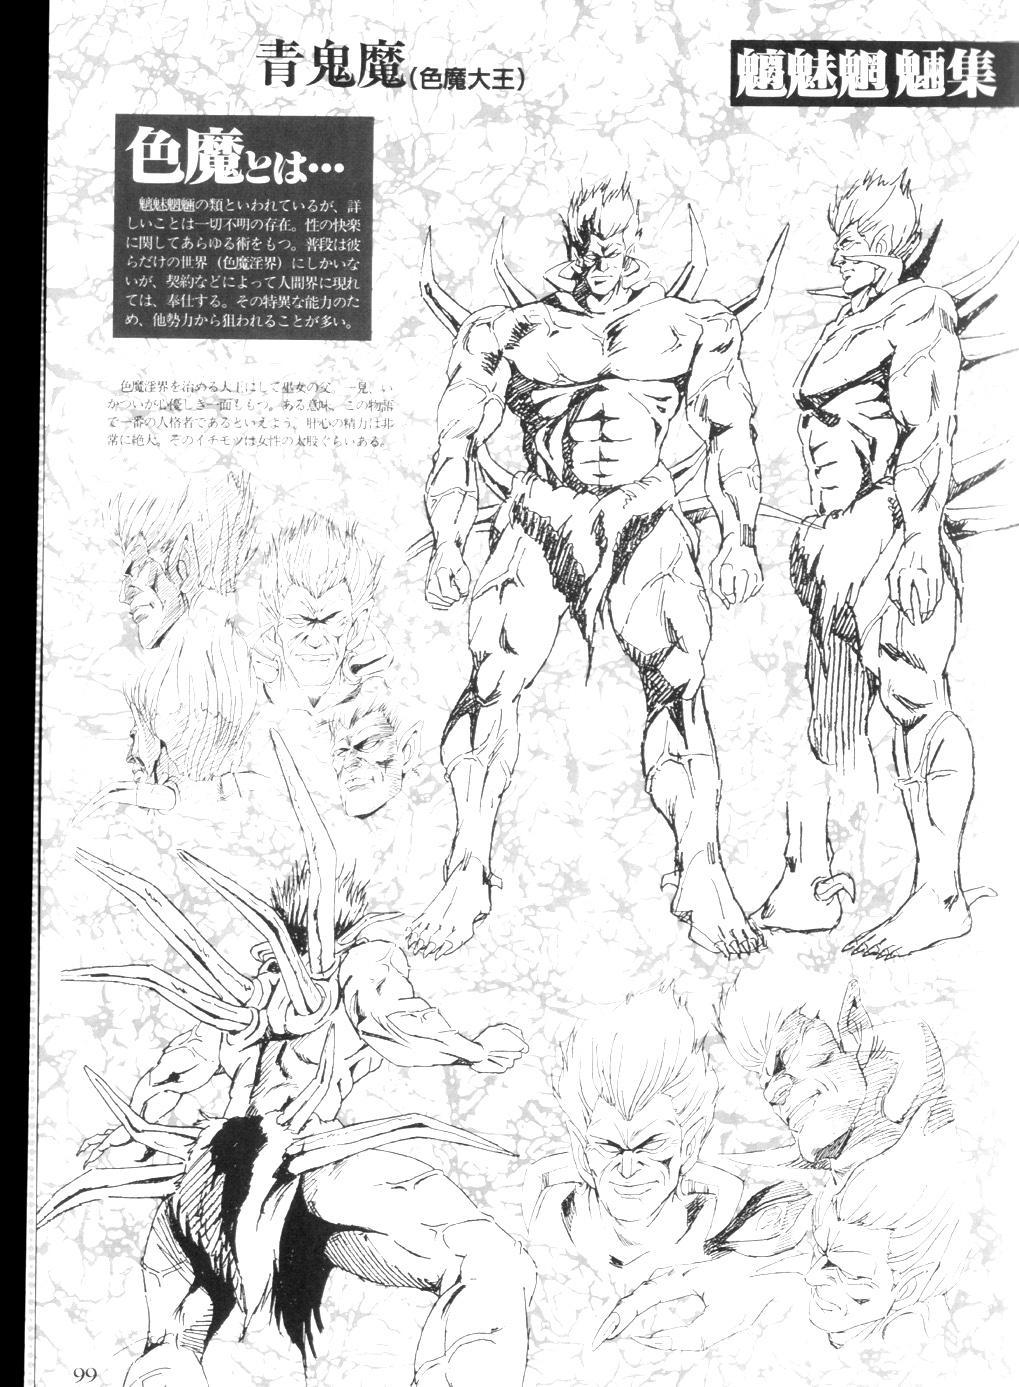 Injuu Gakuen You no Shou Secret File 94